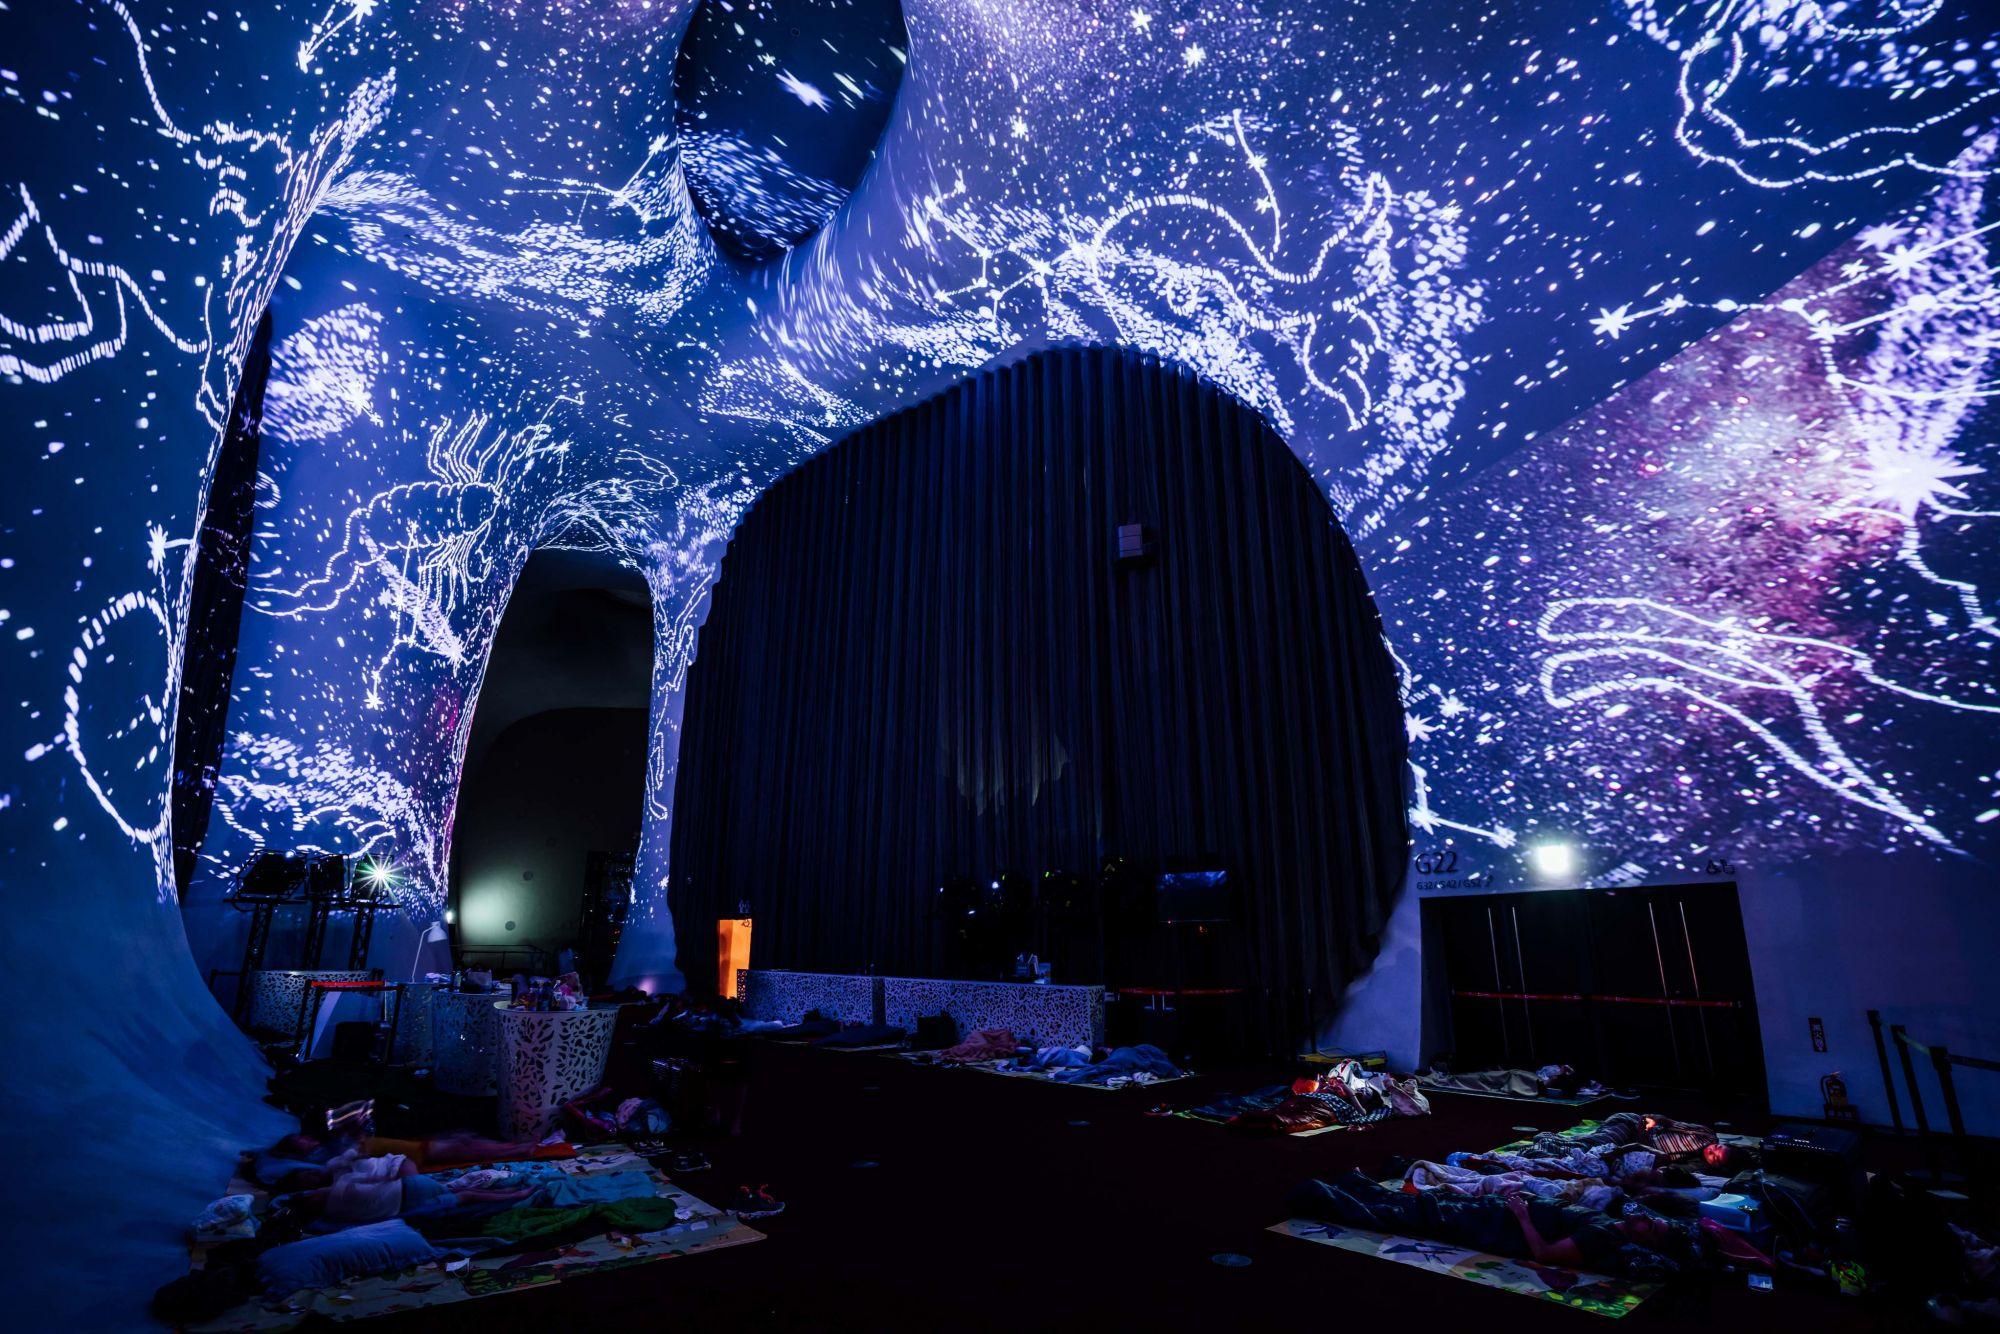 開賣即秒殺的「夜宿歌劇院」升級大人限定版!臺中國家歌劇耶誕月超精彩